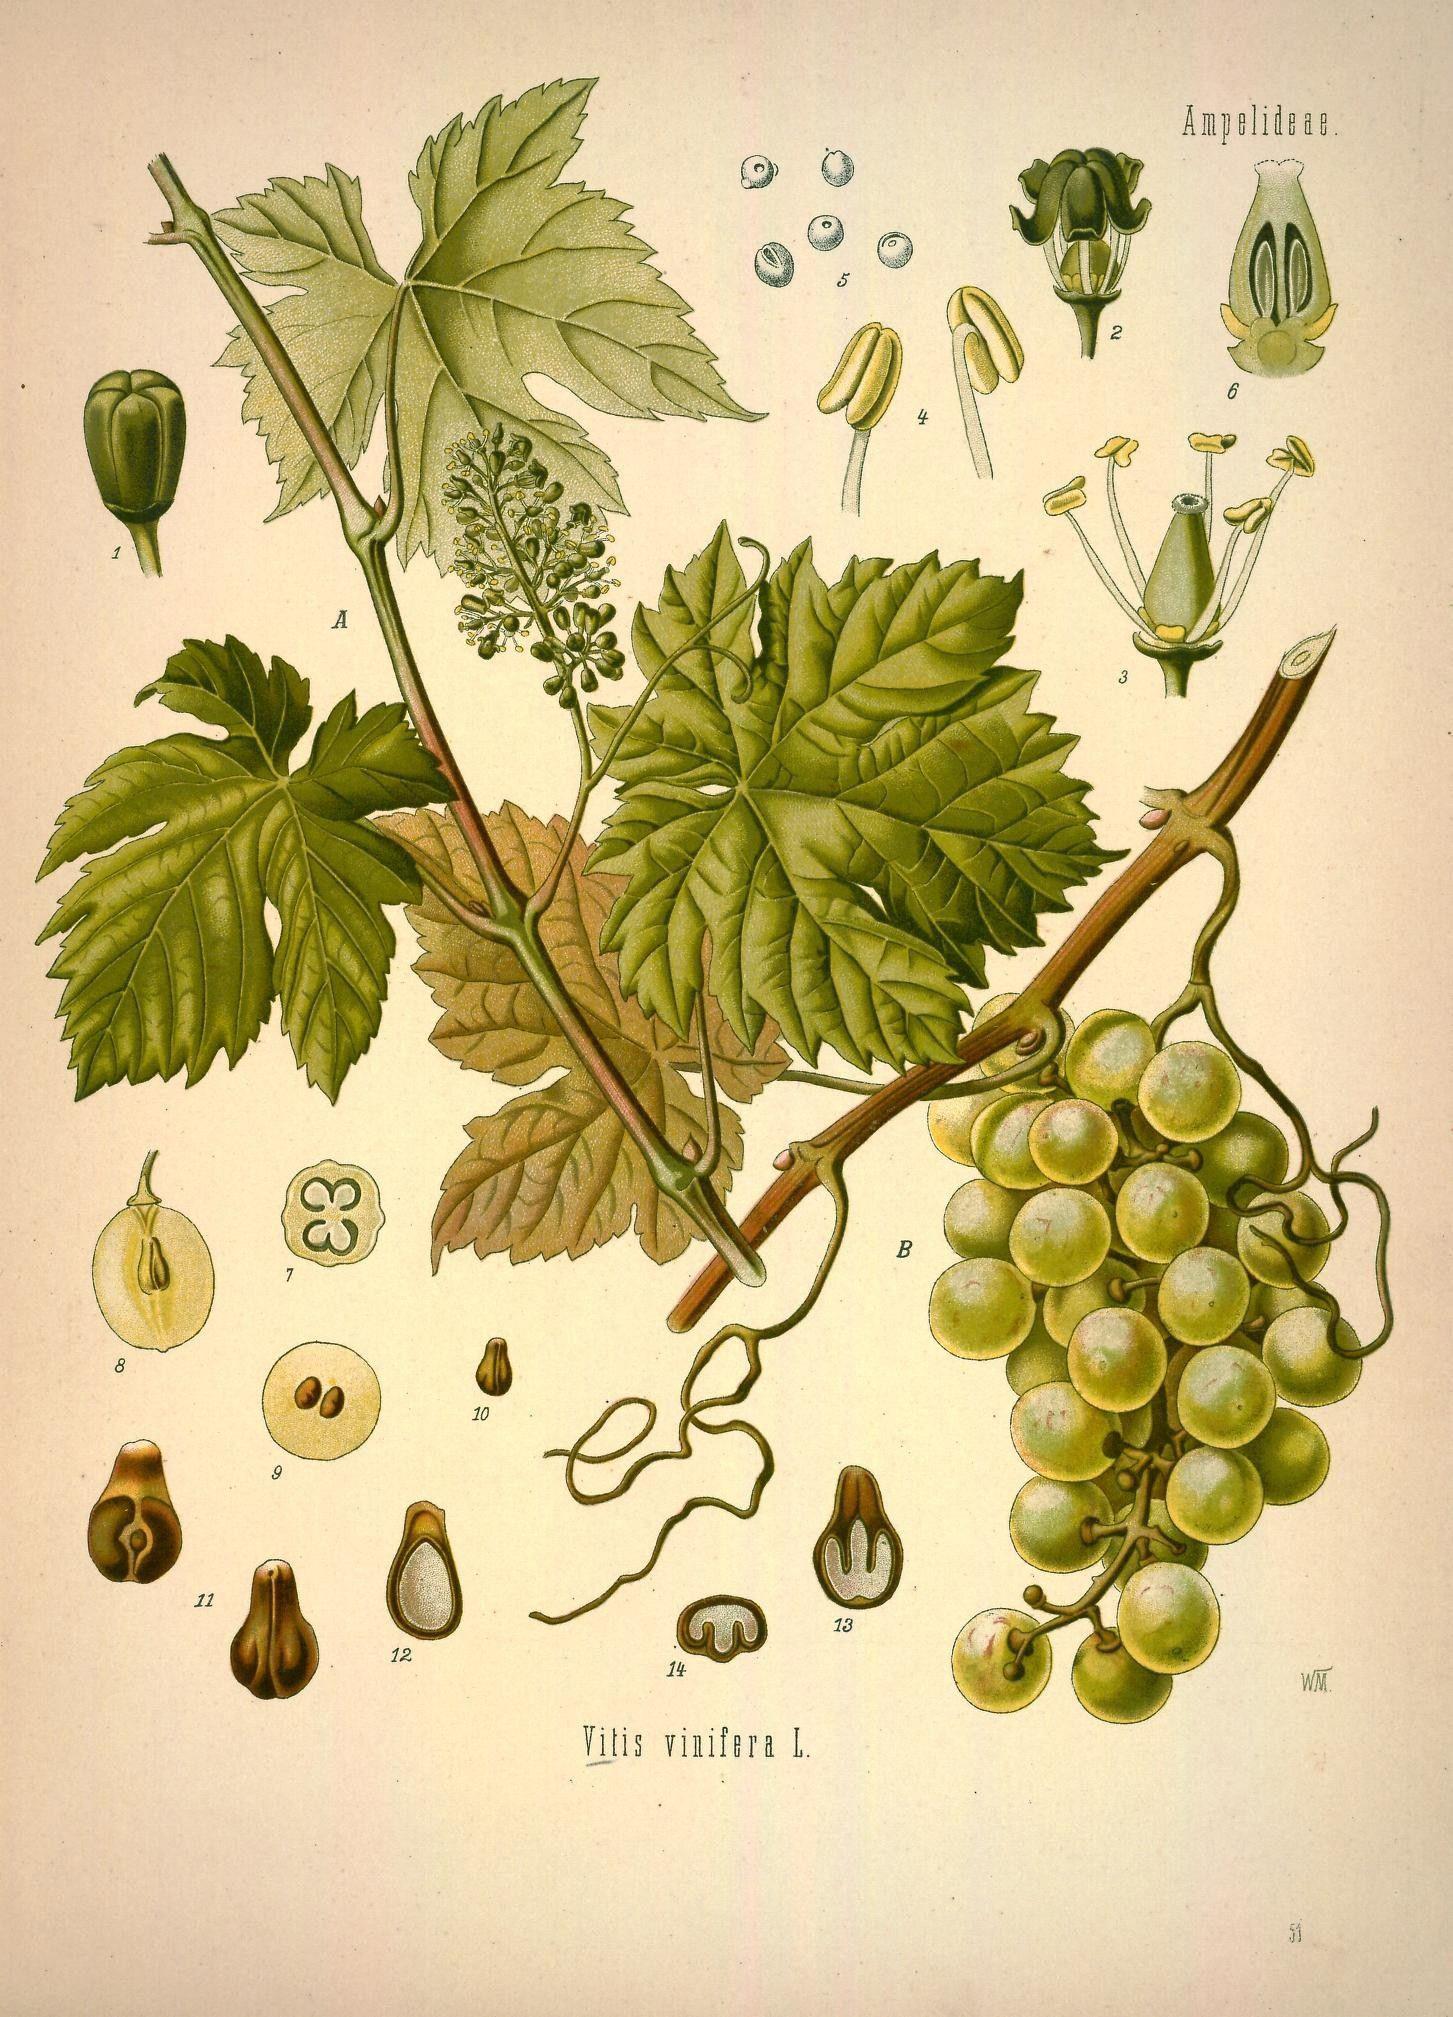 lllustration-of-Grapes